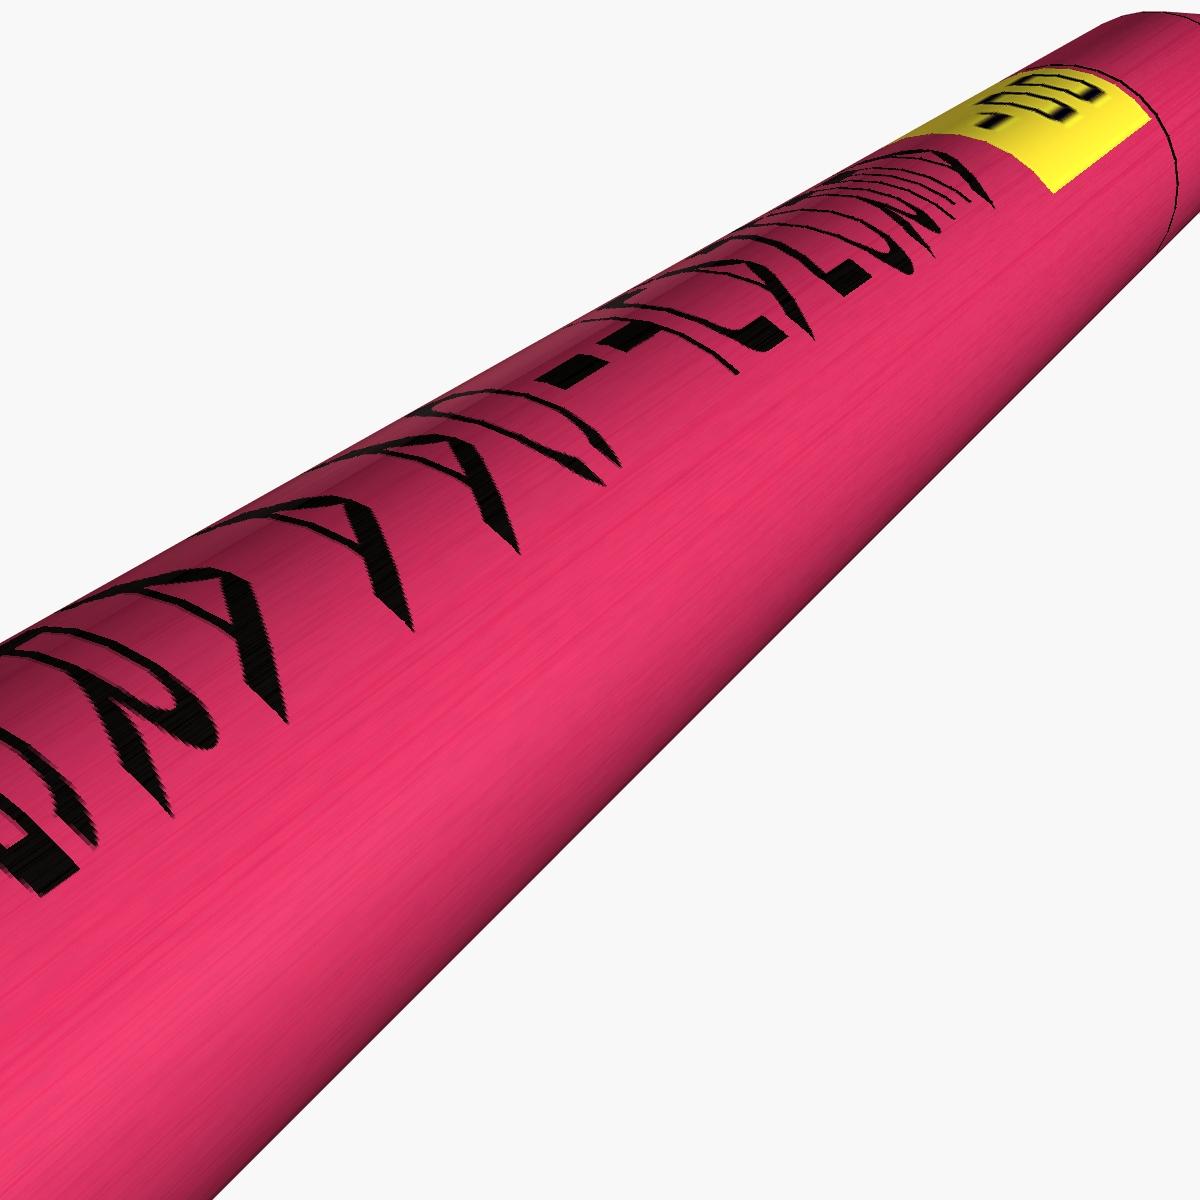 orion i rocket 3d model 3ds dxf fbx blend cob dae x  obj 208064